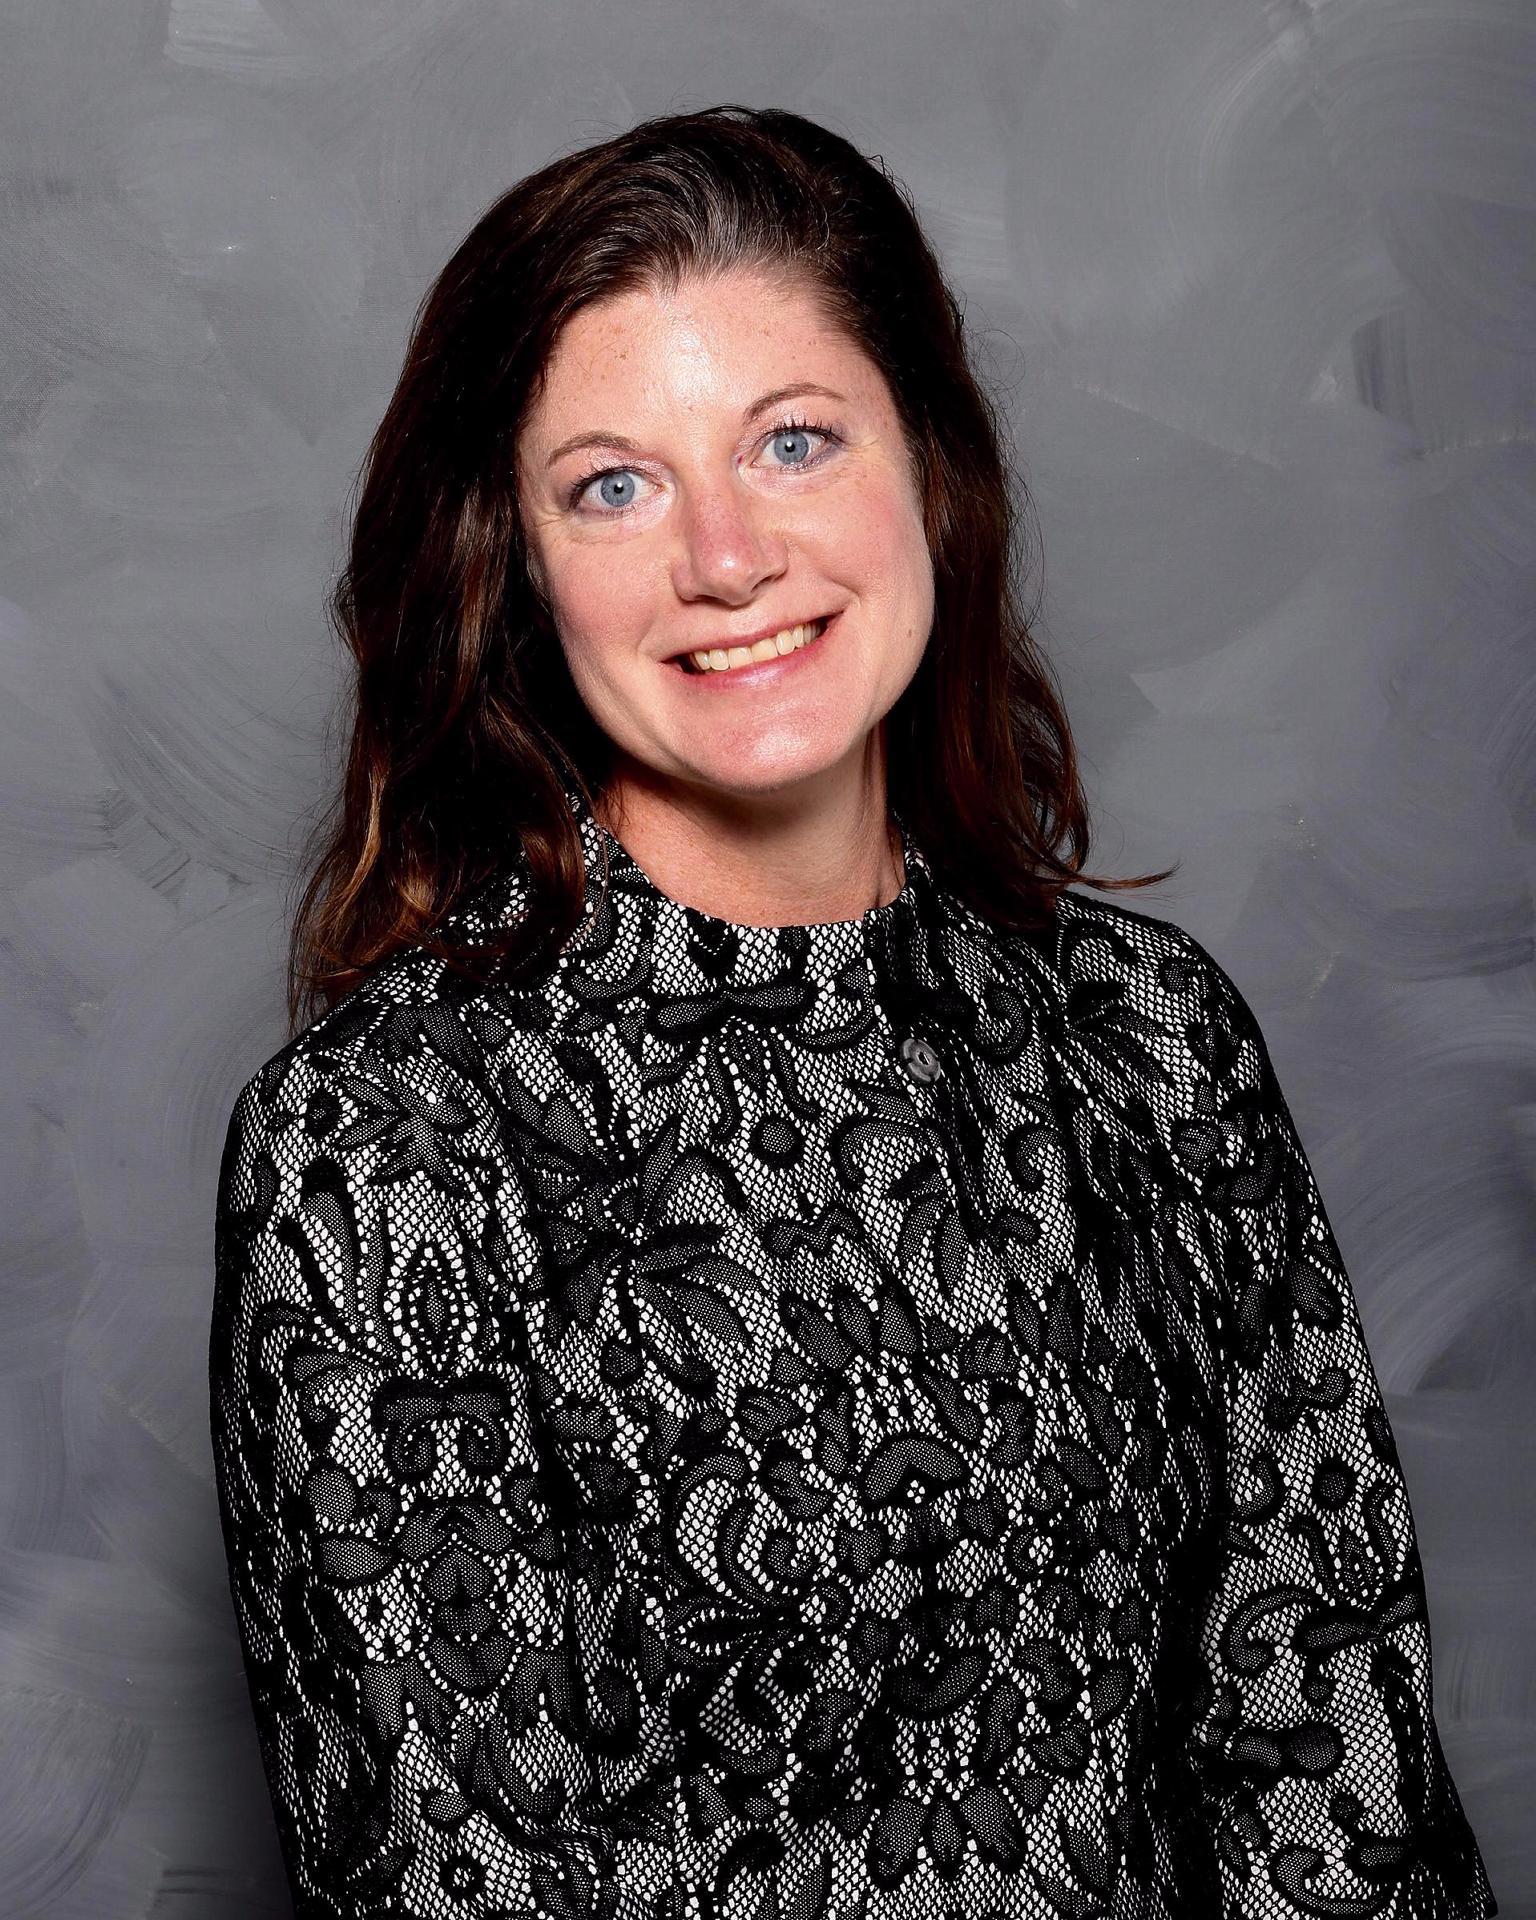 photo of NOBLE JENNIFER